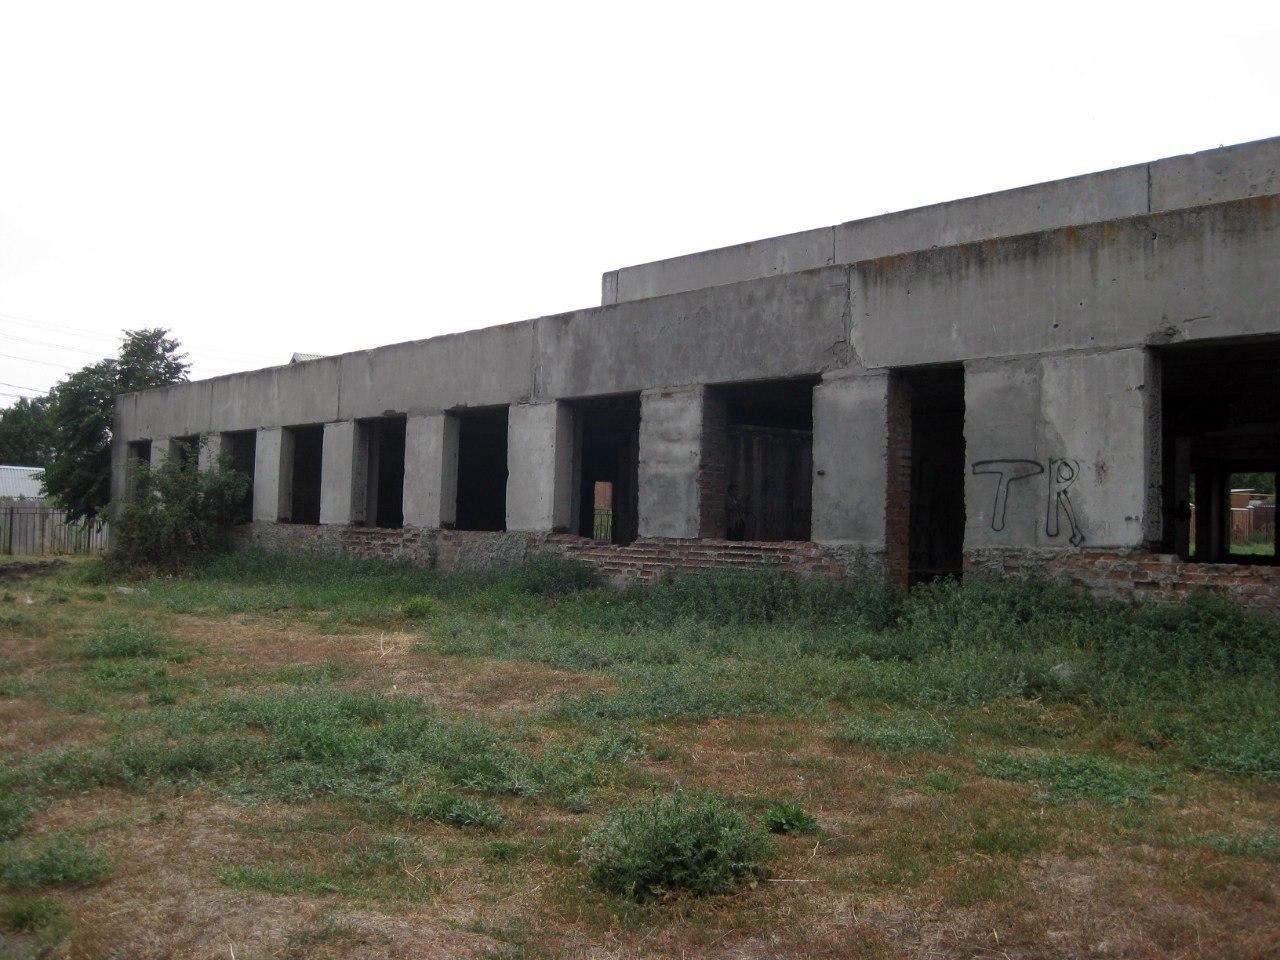 Поликлиники москвы юго-западный округ-москвы